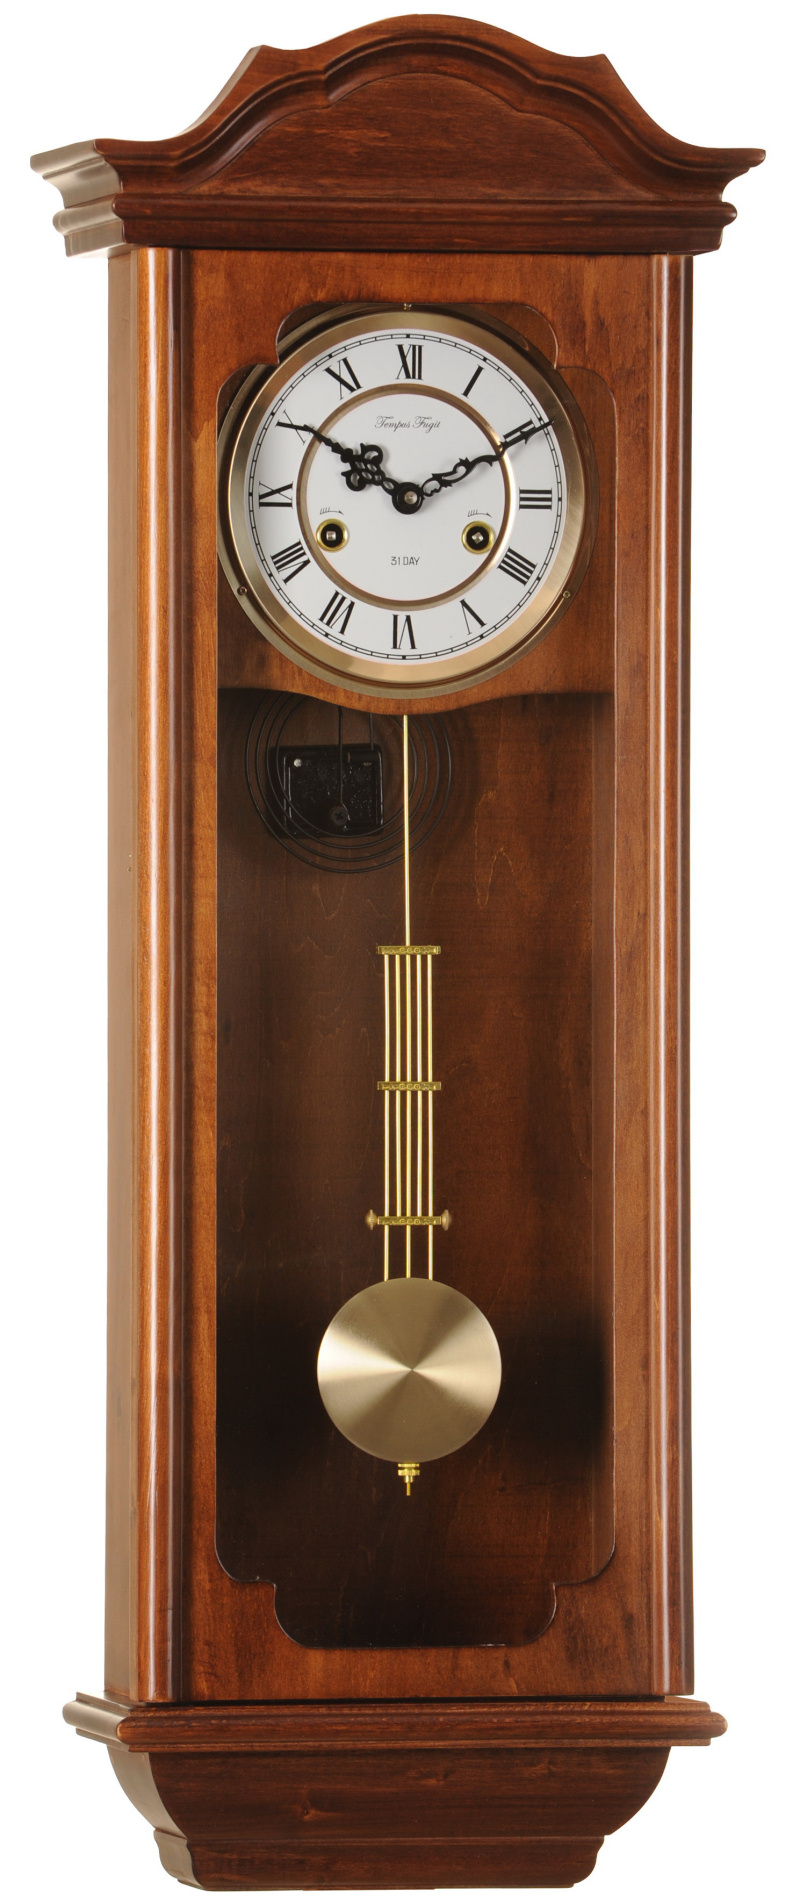 BP-20102 Tempus Fugit orologio a pendolo da parete in legno con ...